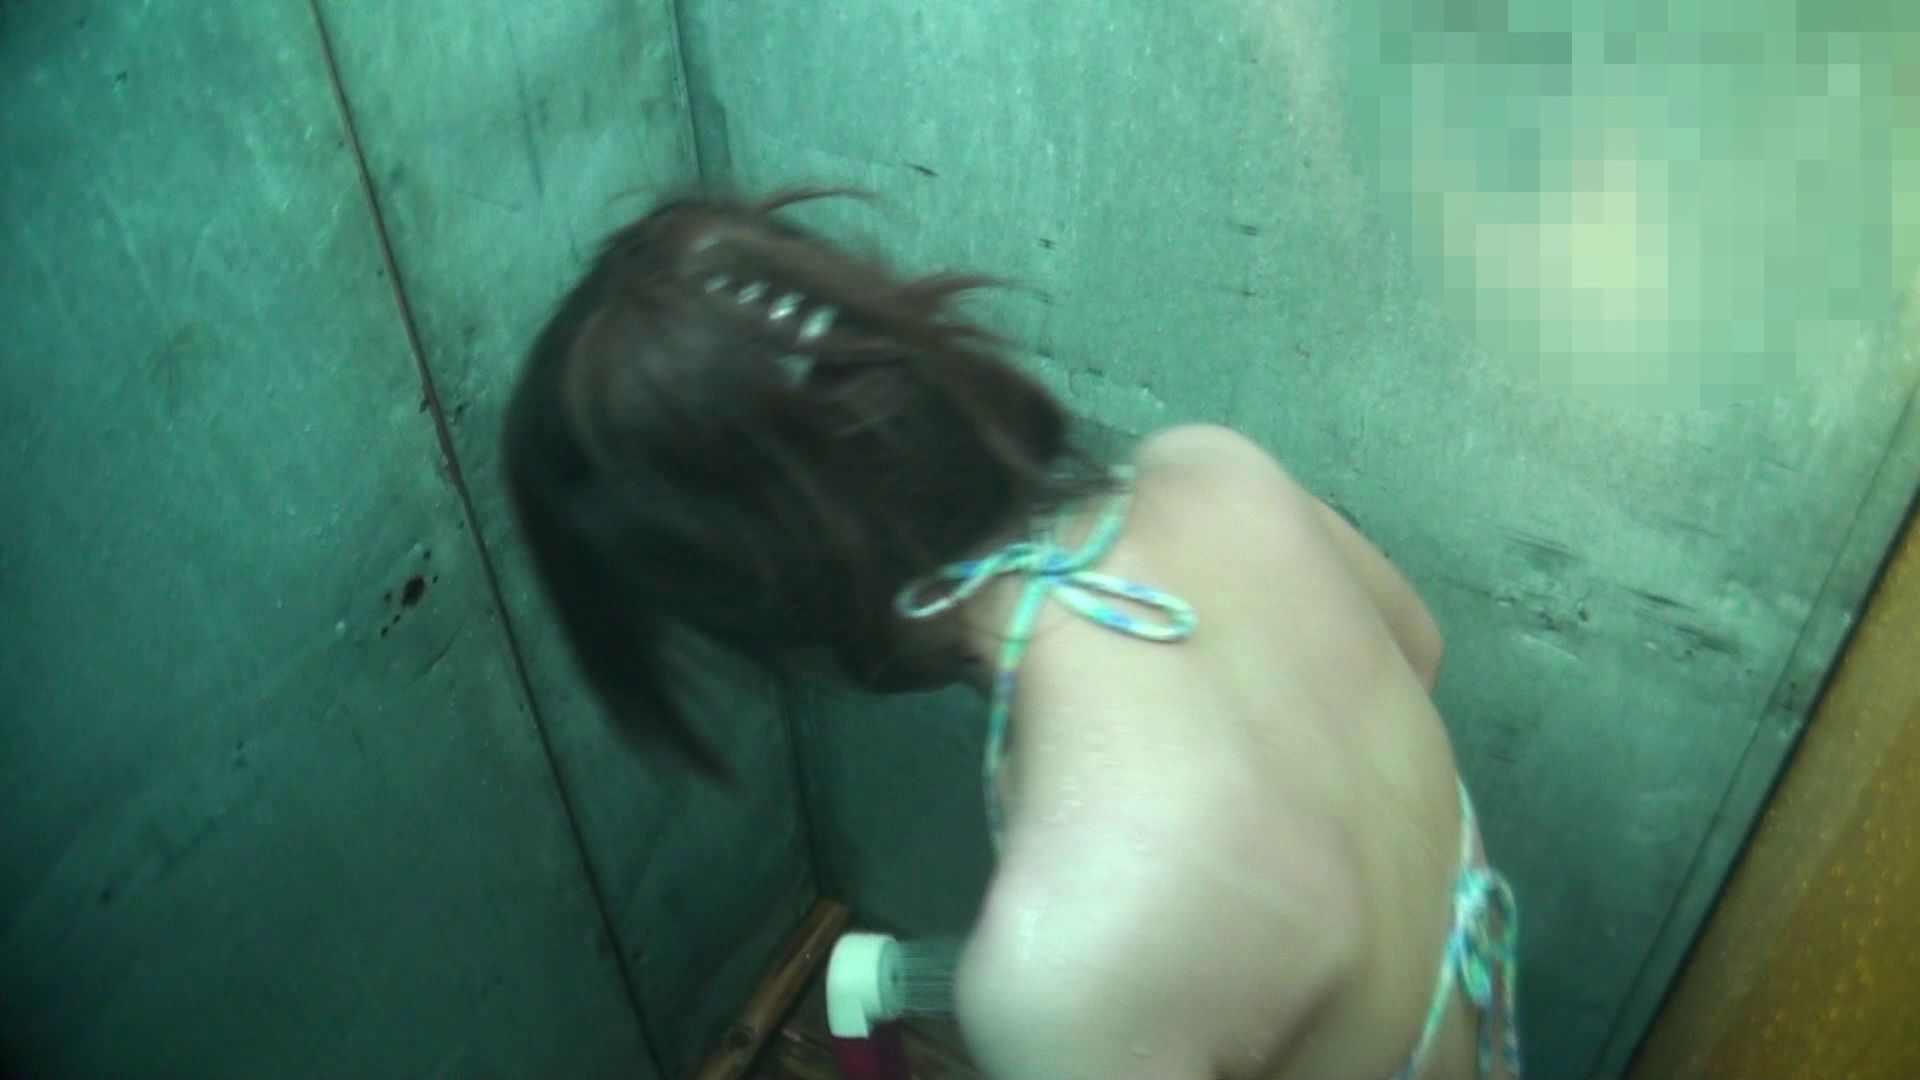 シャワールームは超!!危険な香りVol.15 残念ですが乳首未確認 マンコの砂は入念に 高画質 | 乳首  70pic 21